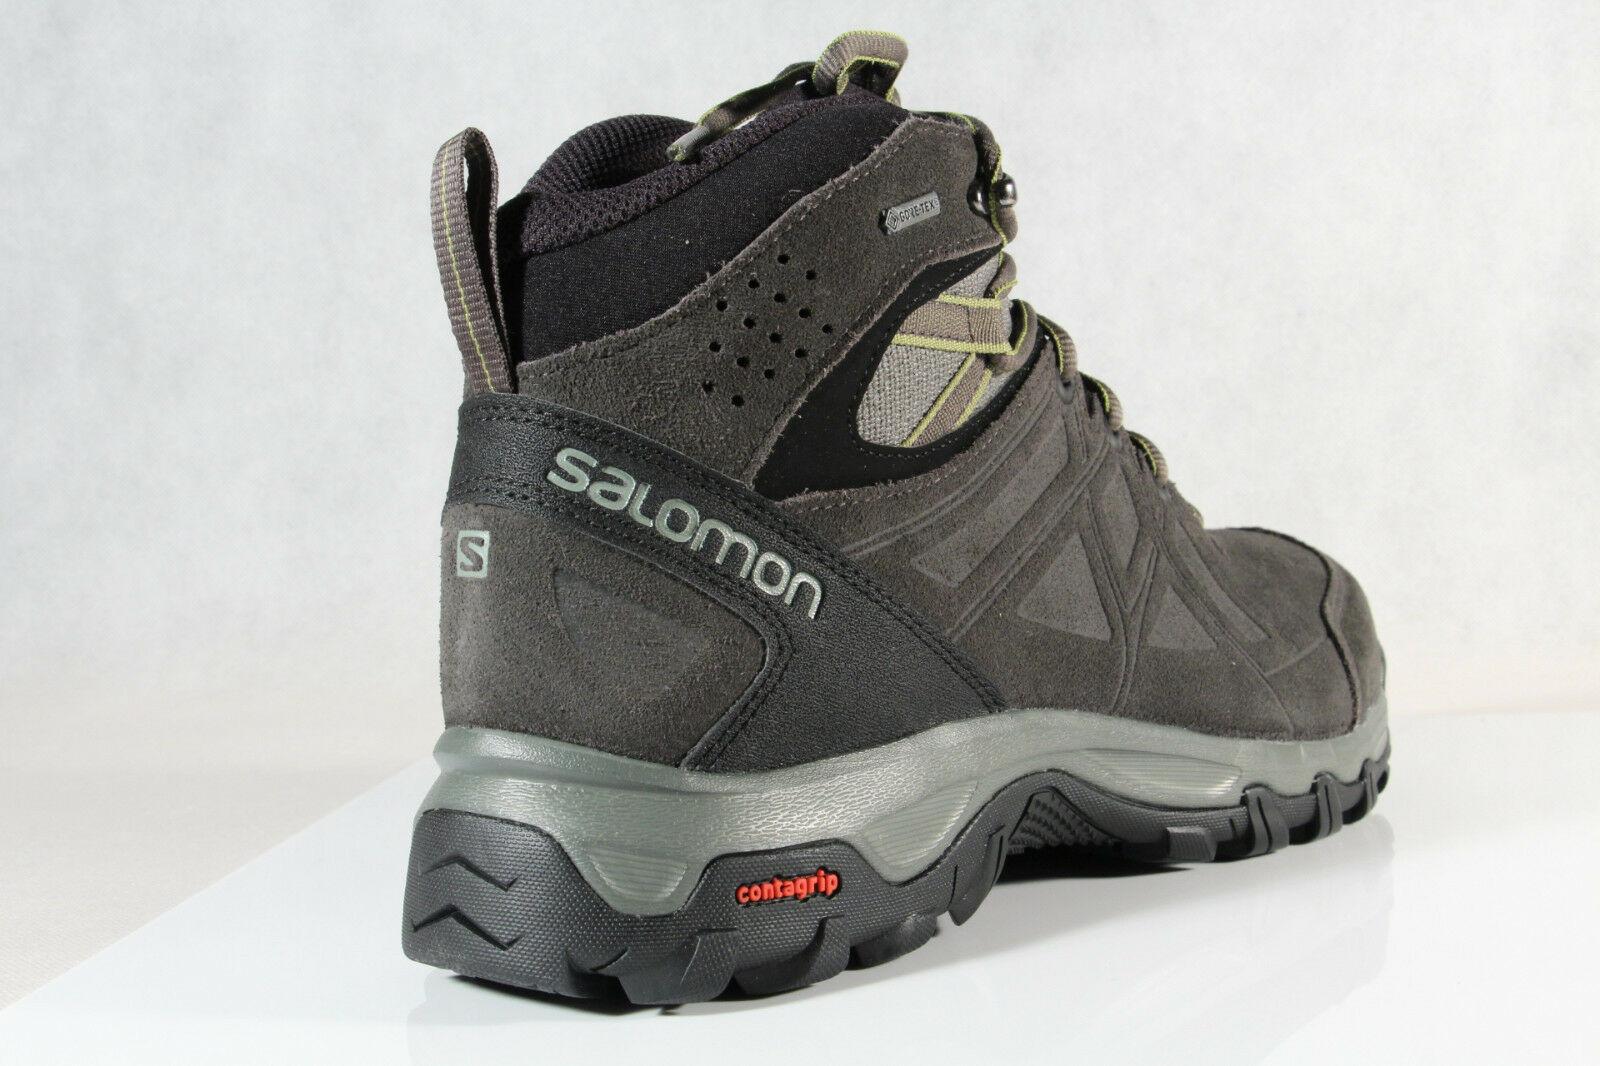 Salomon Evasion 2 MID LTR GTX Stiefel Boots grau wasserdicht Gore Tex NEU